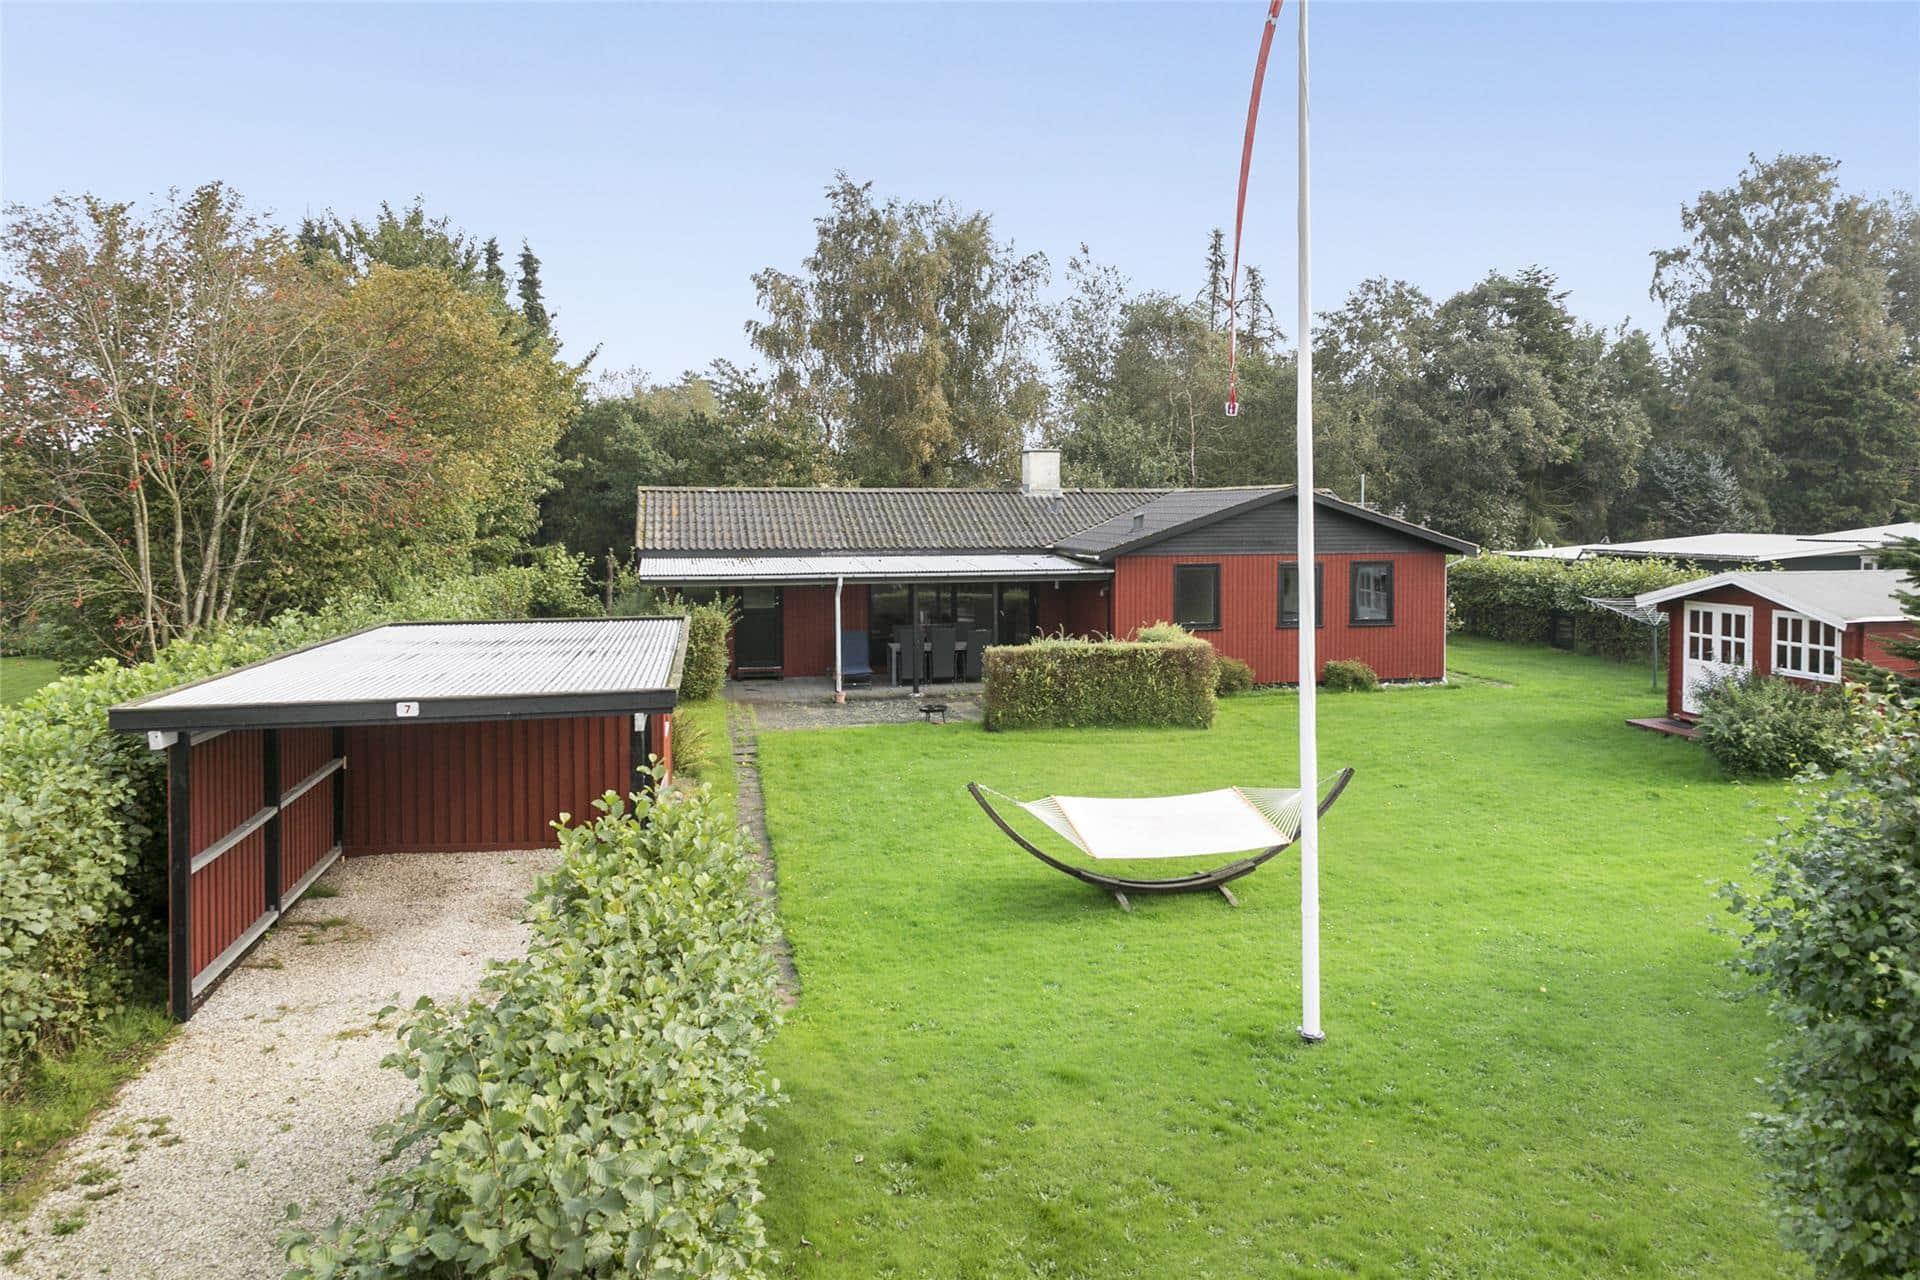 Billede 1-174 Sommerhus M14005, Angelikvej 7, DK - 4873 Væggerløse